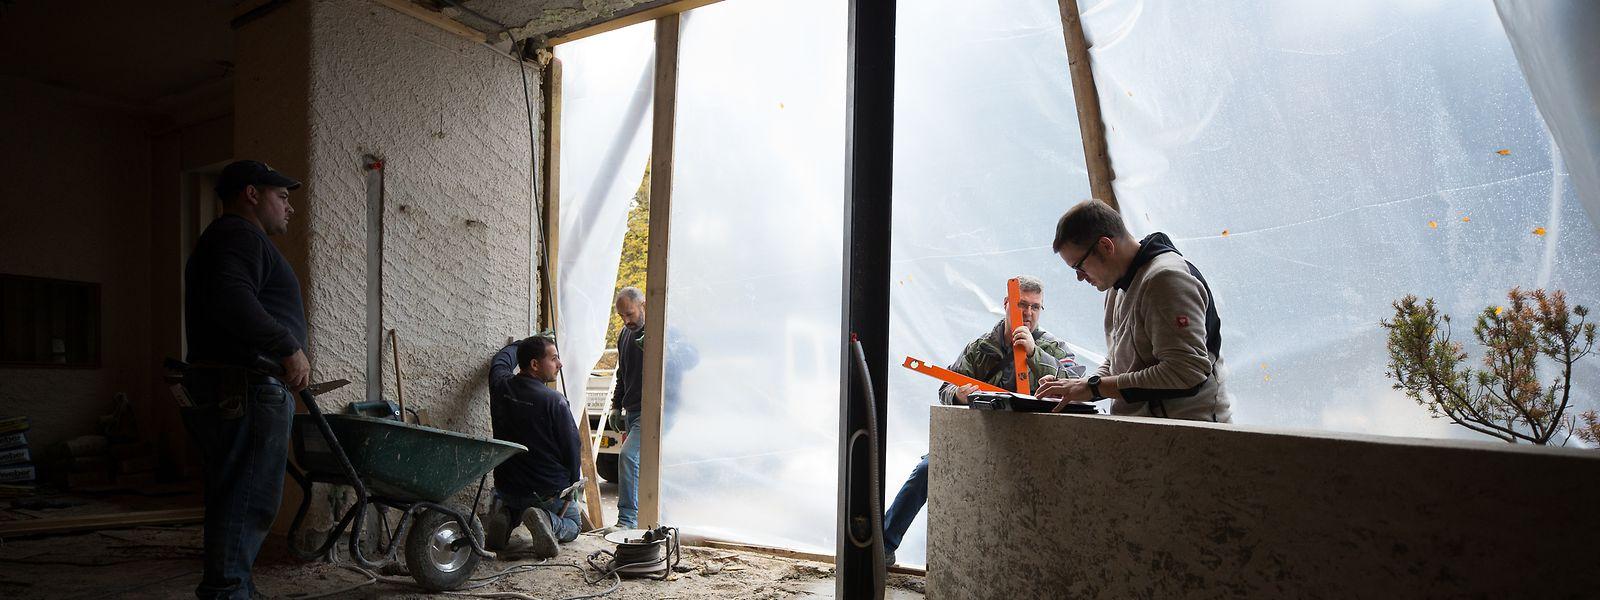 Nach dem Hochwasser sitzen Betroffene auf hohen Kosten. Die drängende Frage lautet: Was zahlt die Versicherung?